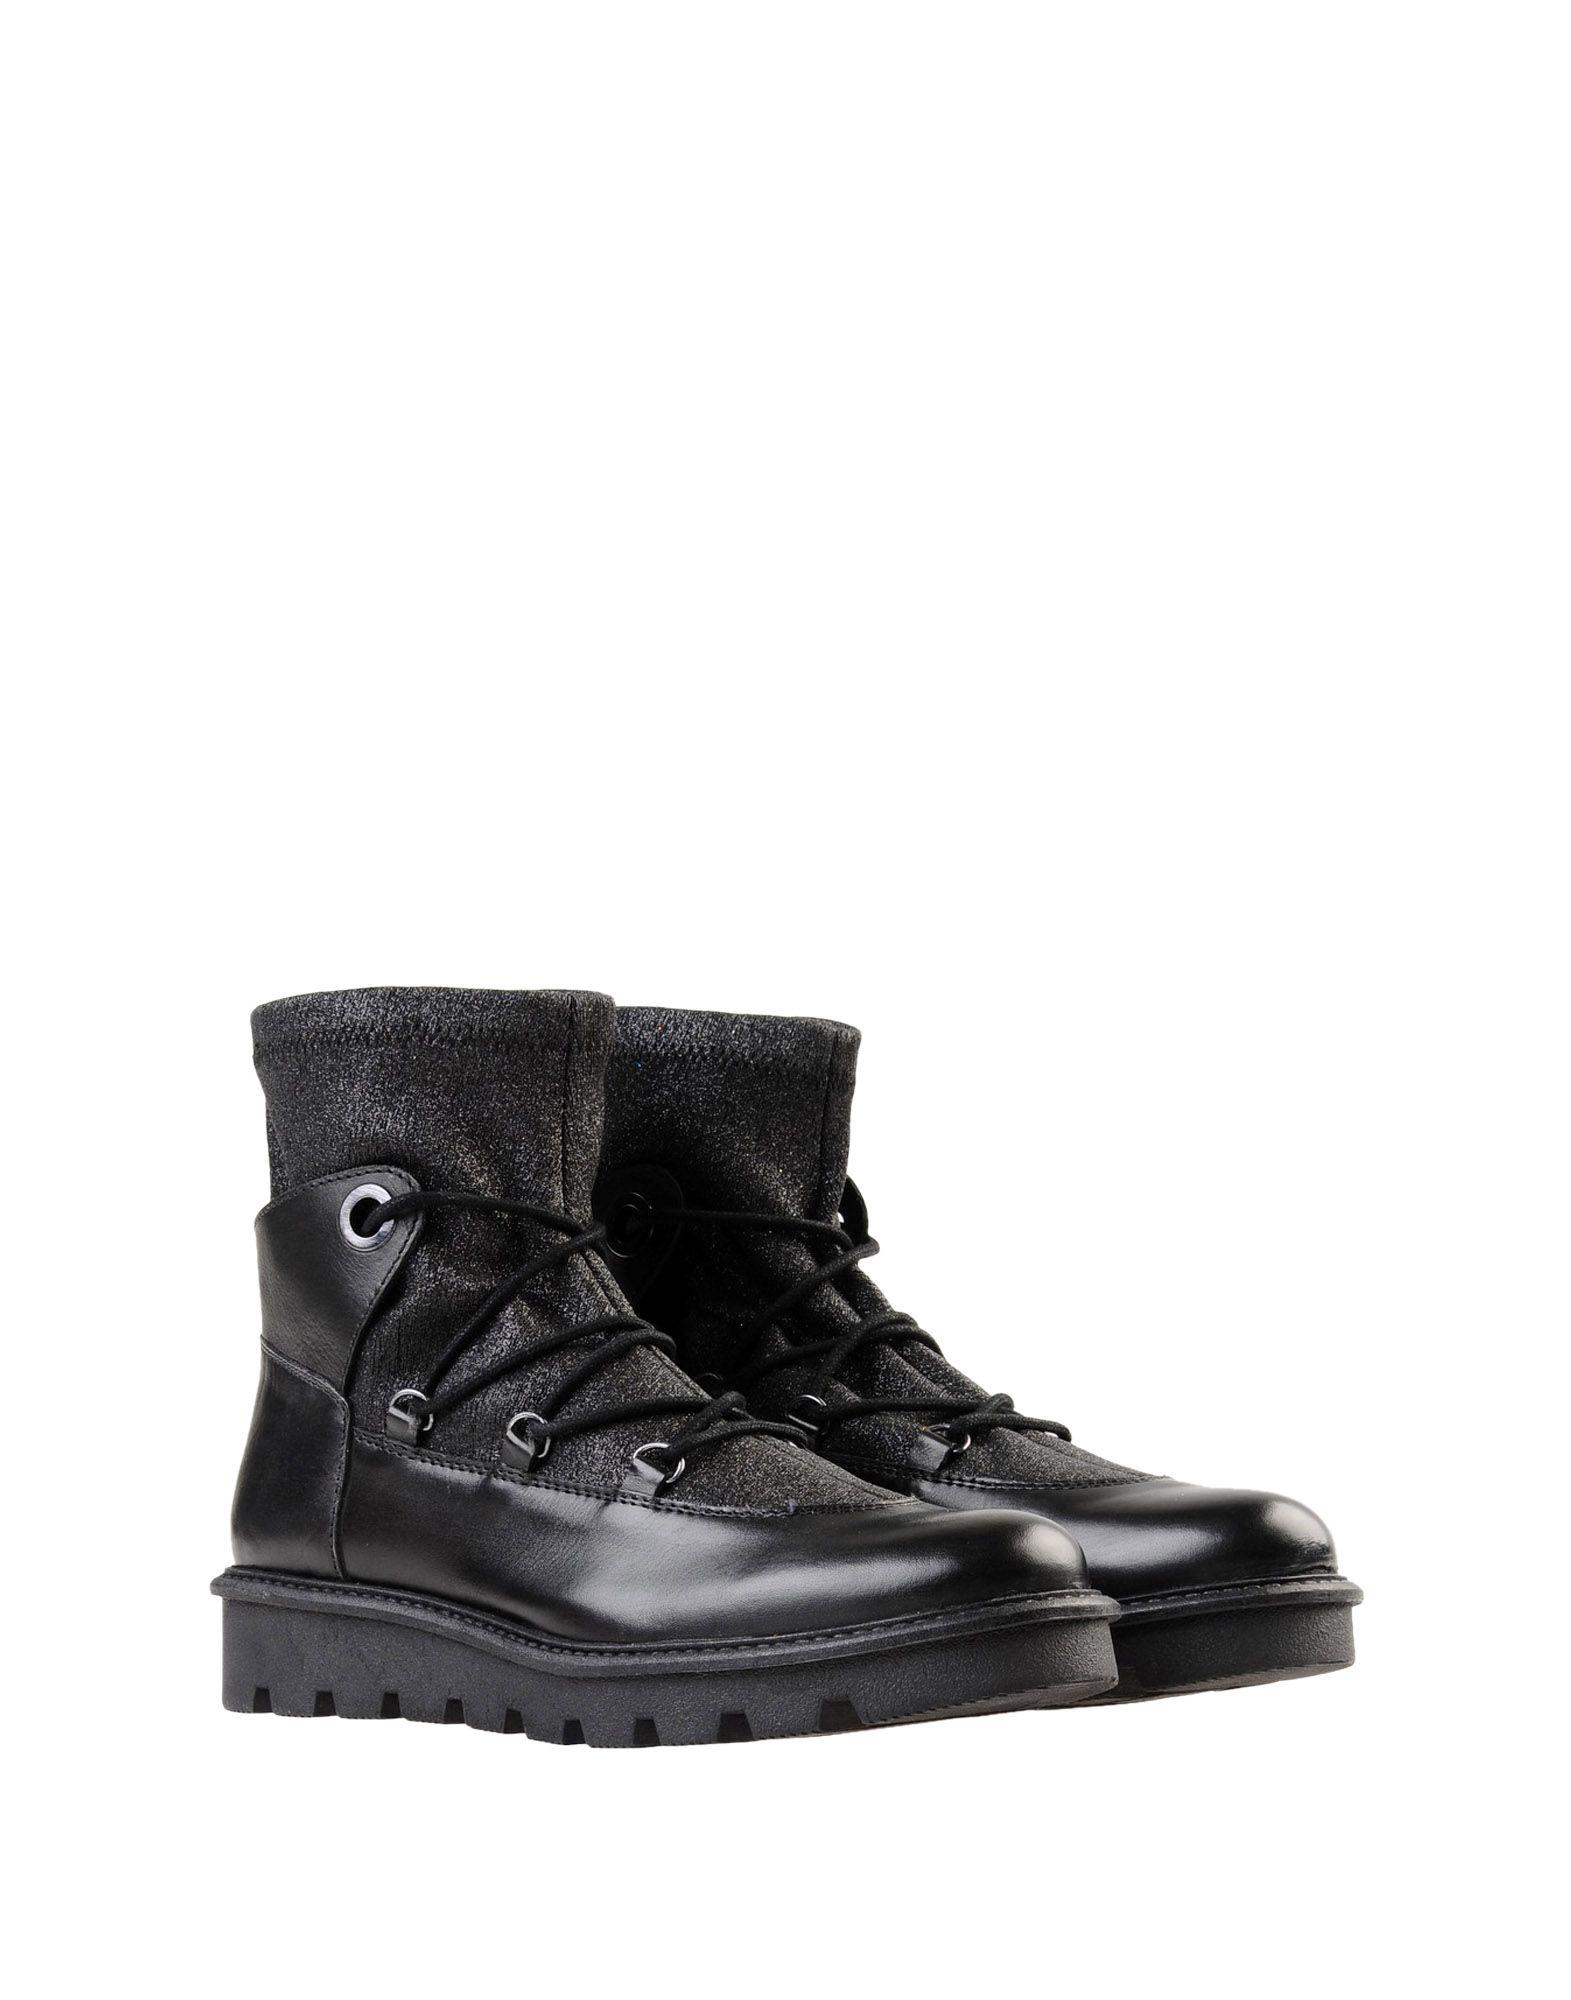 George J. Qualität Love Stiefelette Damen  11540516UN Gute Qualität J. beliebte Schuhe ac307d